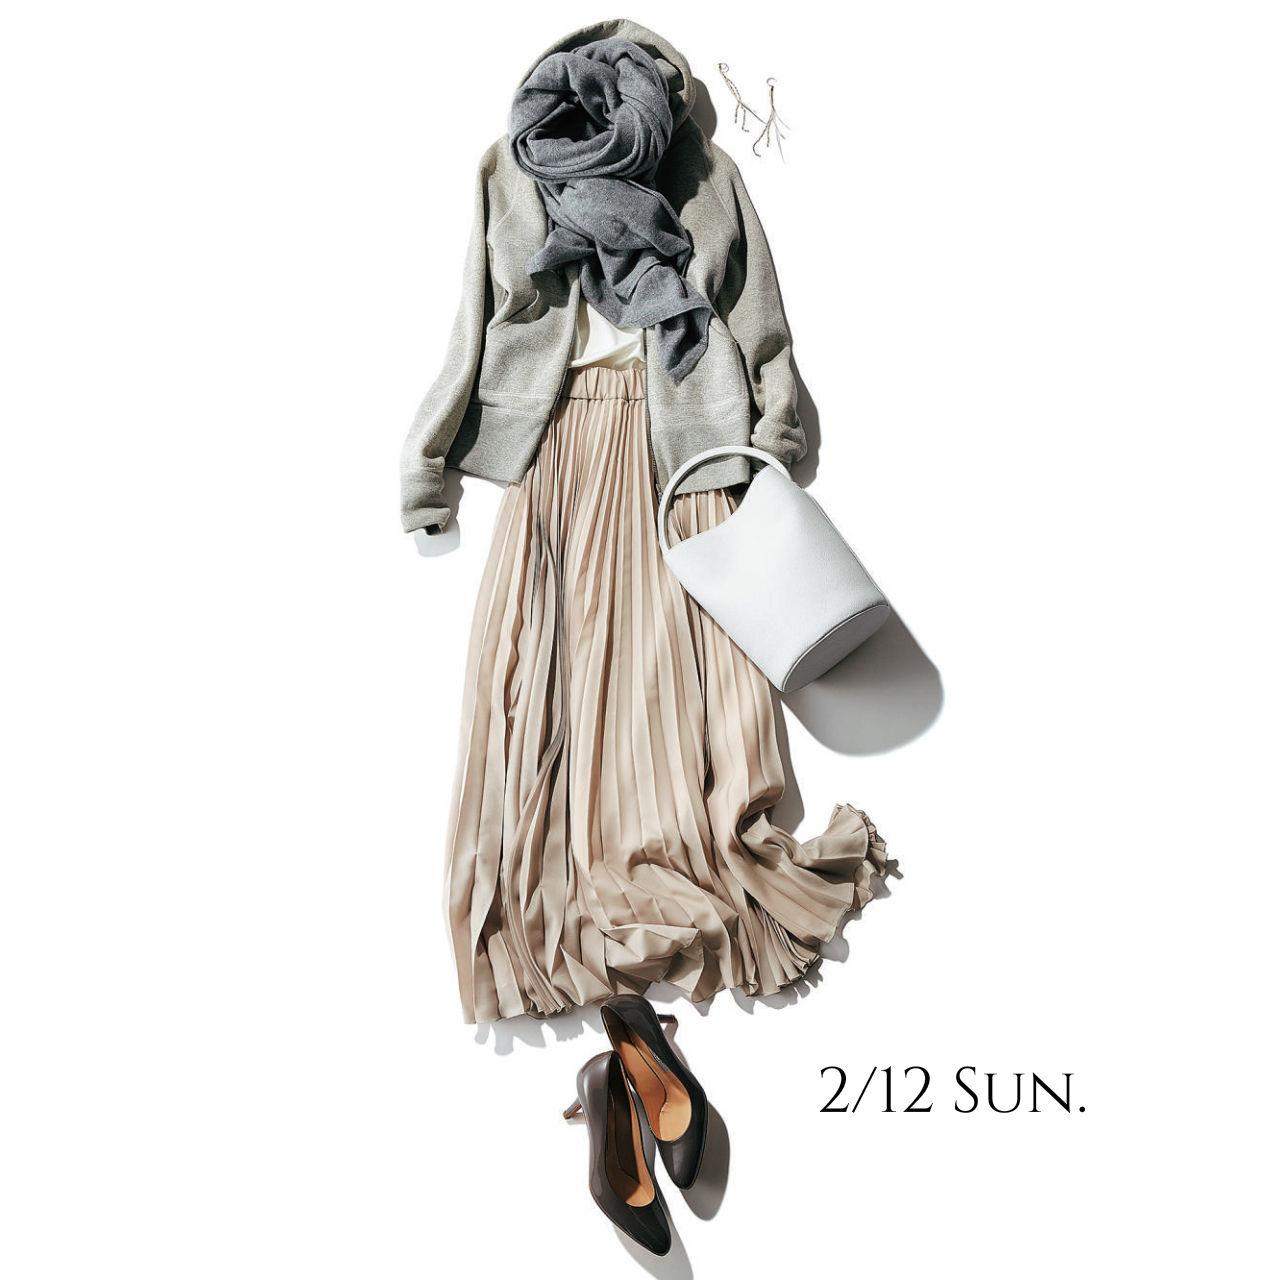 【エンタメ画像】《画像》 女性ファッションサイトが提案する「雪まつりコーデ」に非難殺到 「無理」 「死ぬ」